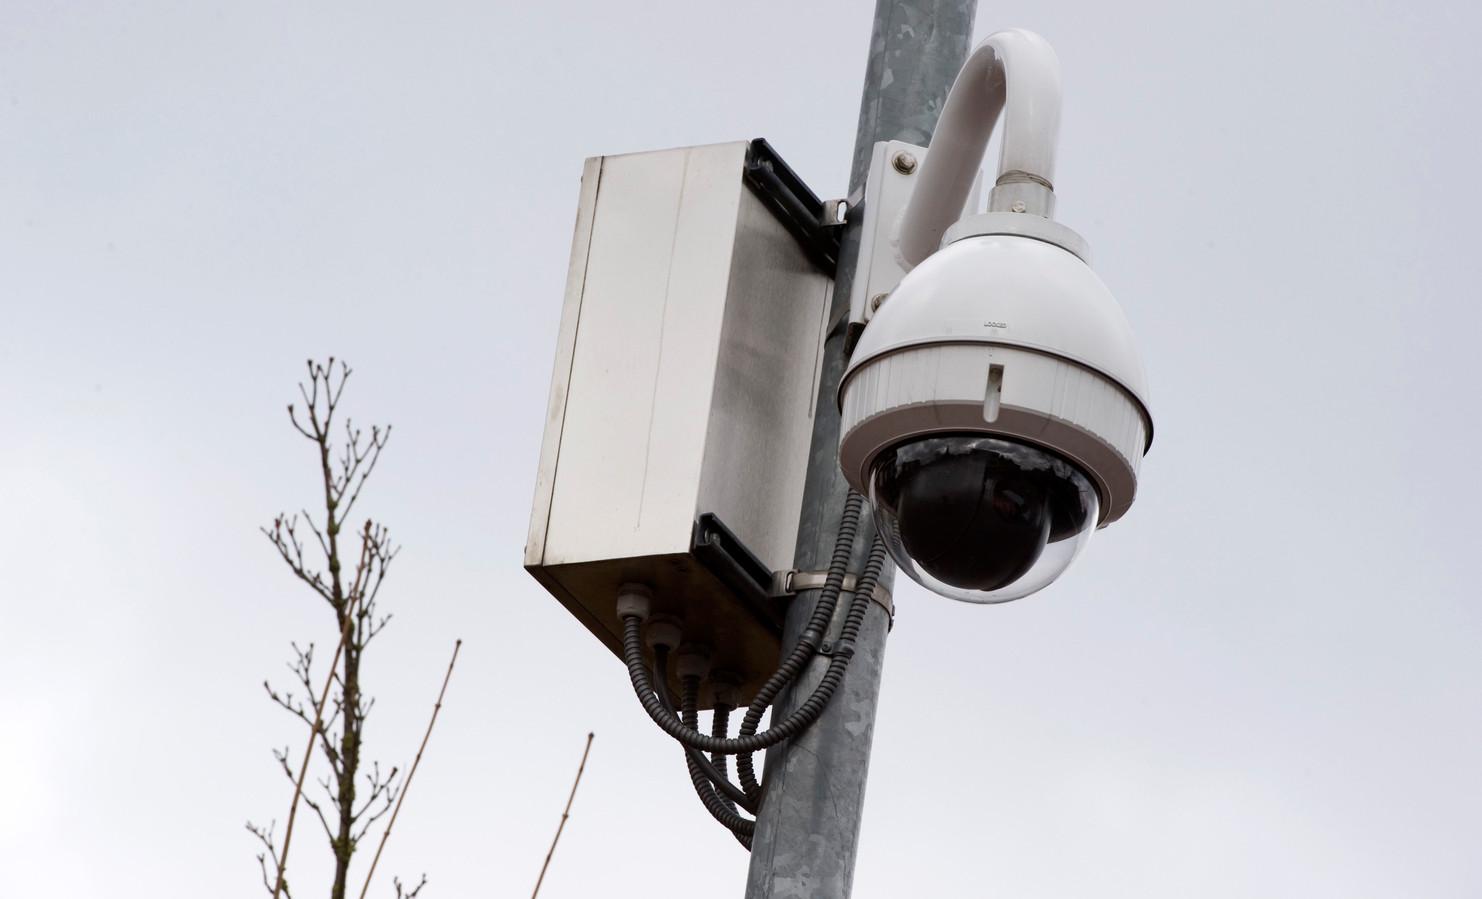 De Rotterdamse haven krijgt er honderden camera's bij in de strijd tegen cocaïnesmokkel.